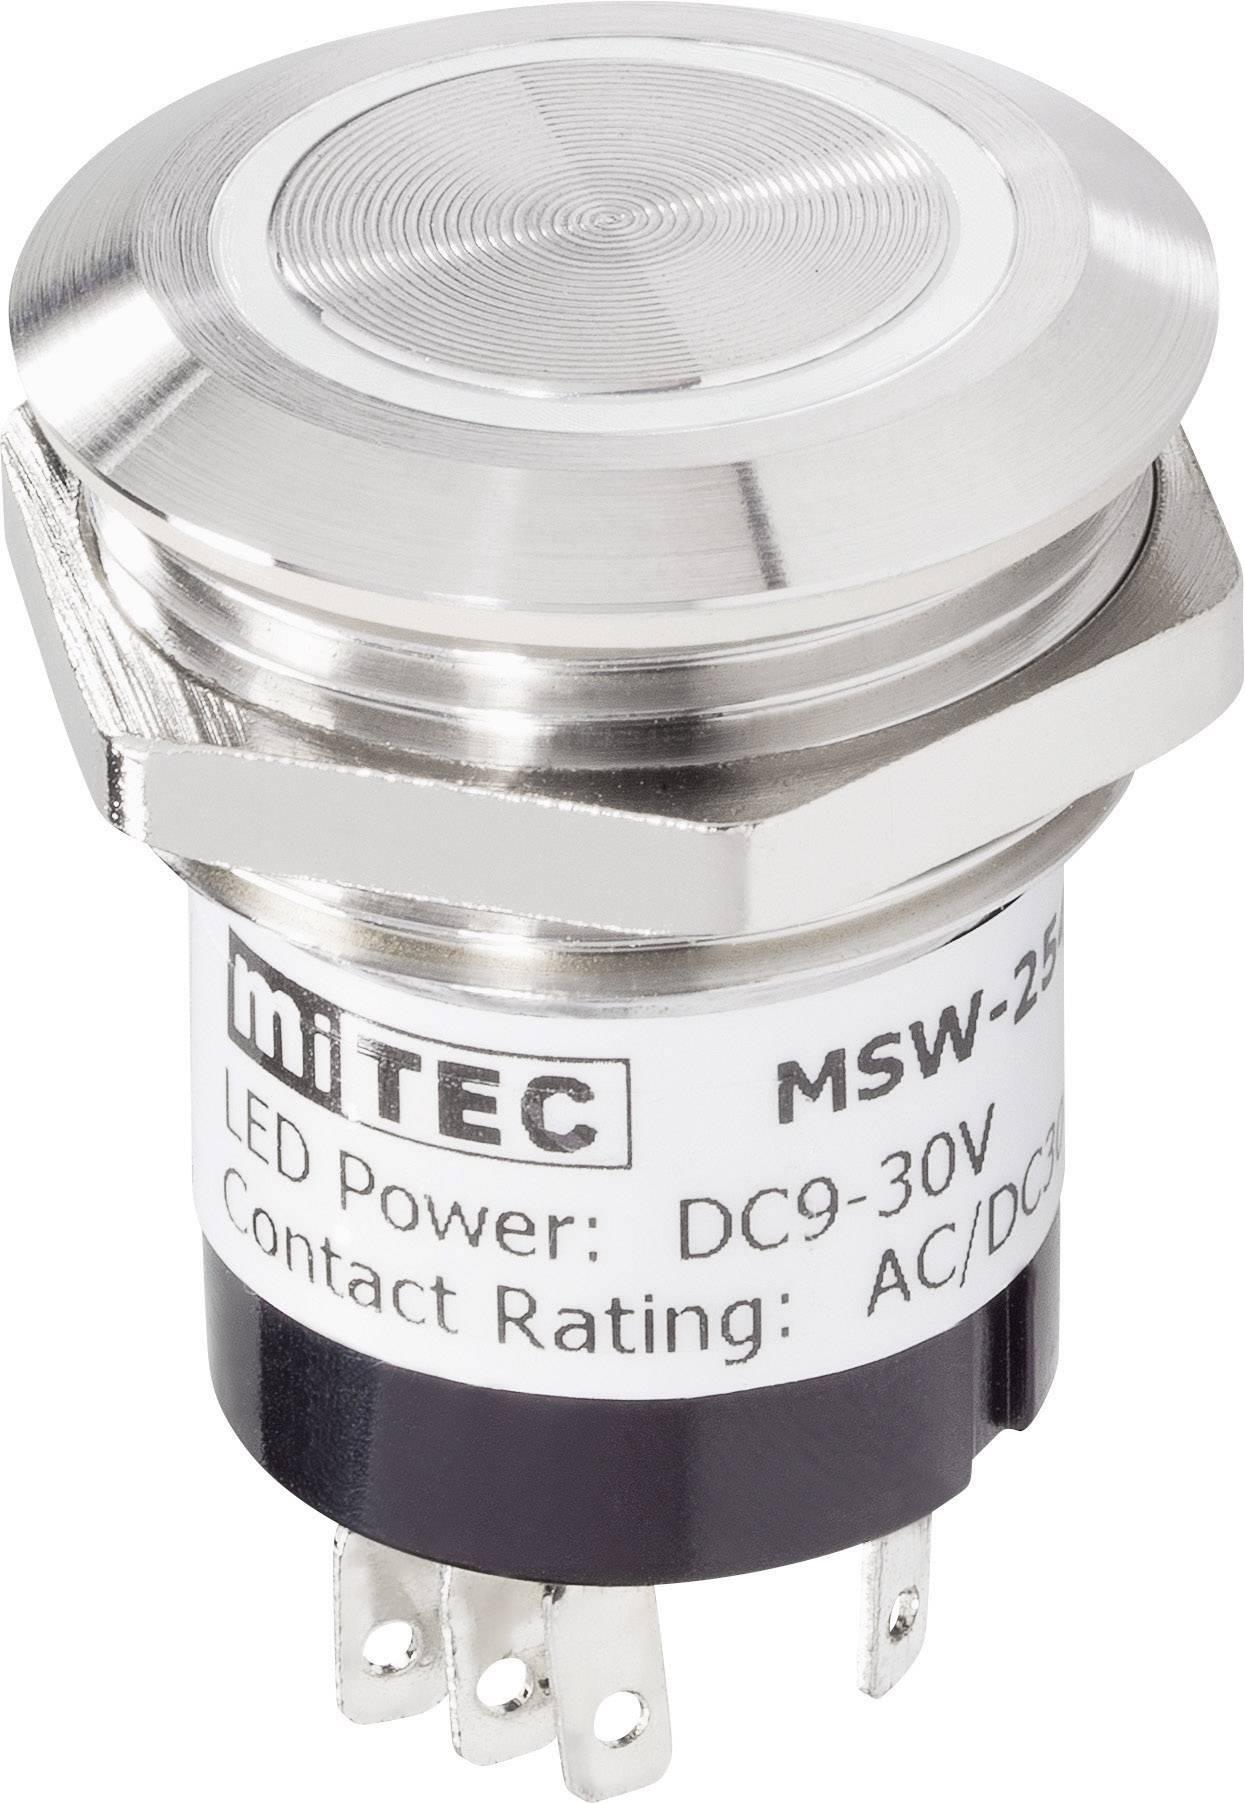 Zvončekové nerezové tlačidlo RENKFORCE, 24 V / 1 A, 28 mm, biela LED